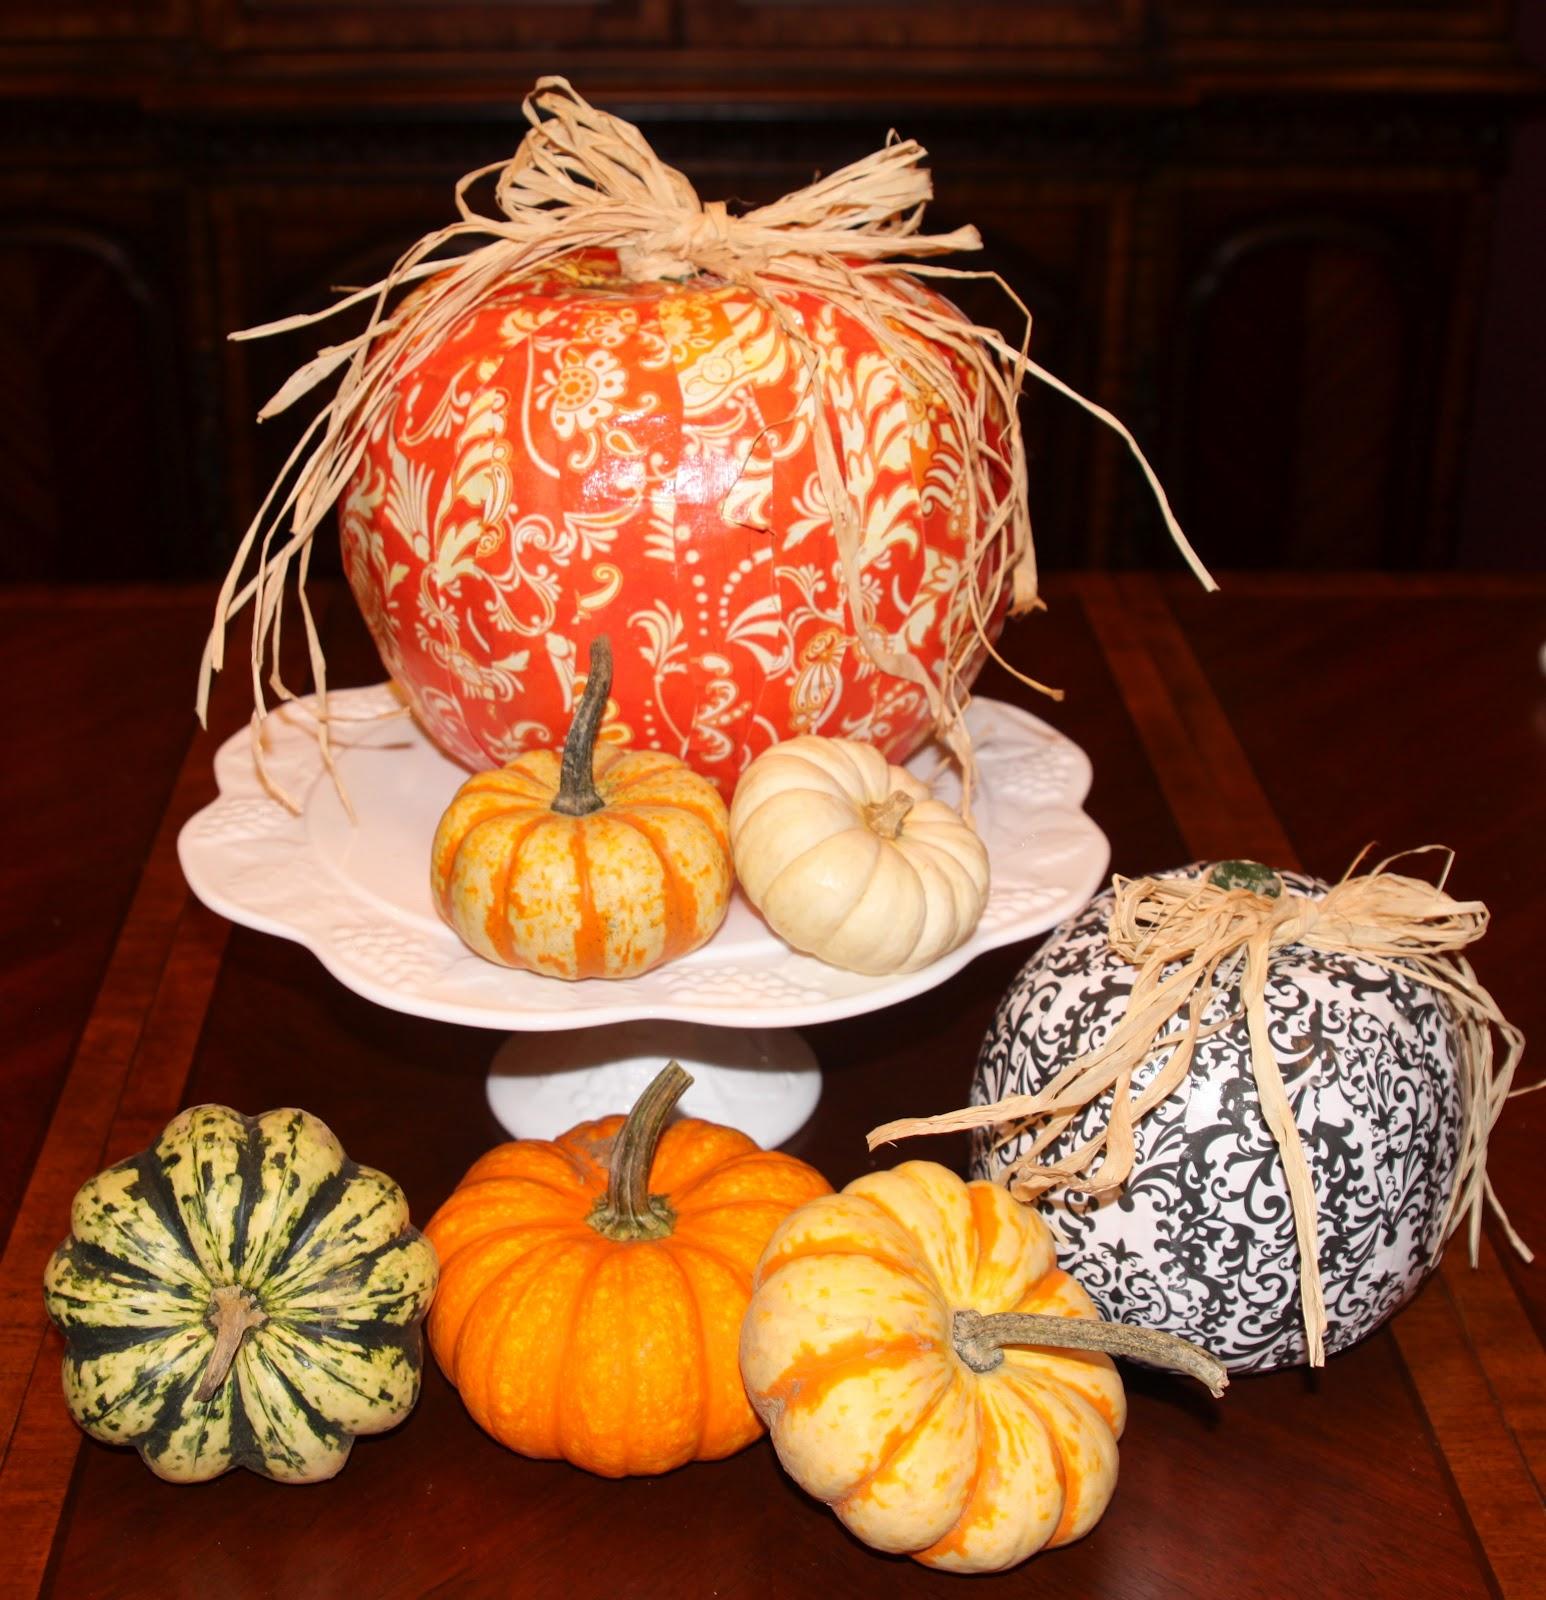 Still Woods Farmhouse A Delightful Decoupage Pumpkin Project!